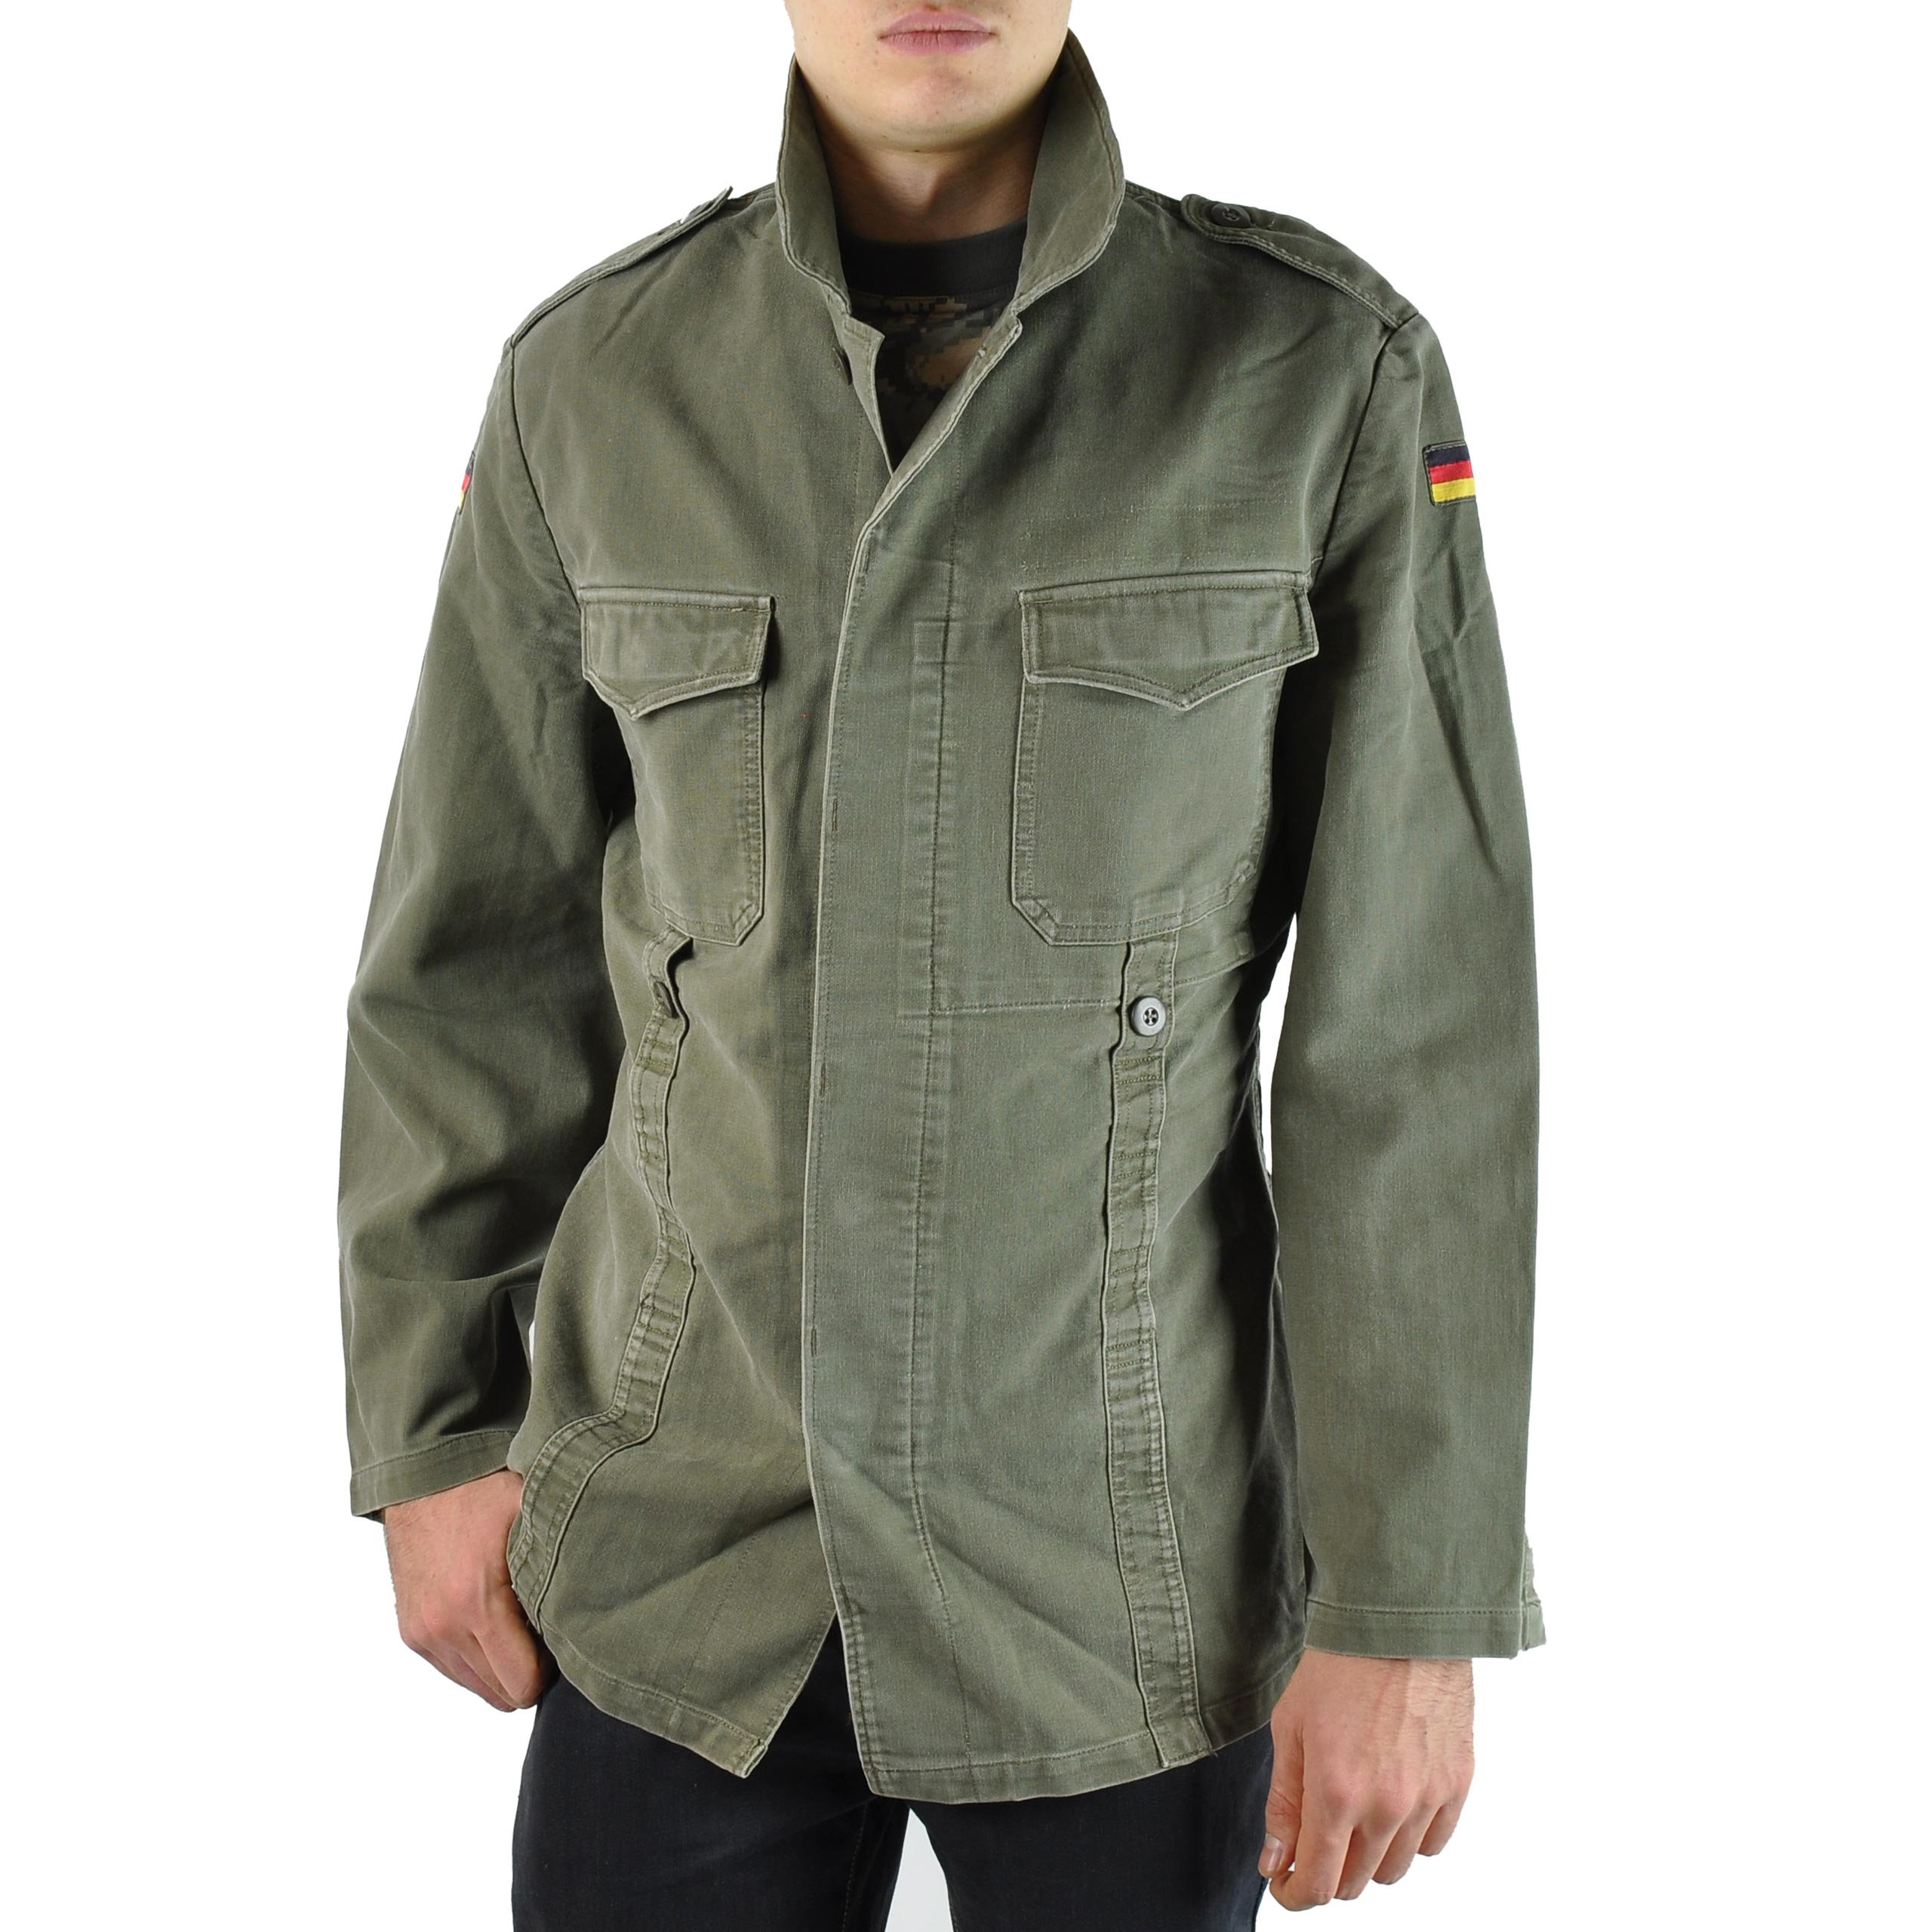 600da3ba31a Západoněmecká armáda používala od 60.let 20. století do začátku 90.let  moleskin v olivové barvě na své uniformy.